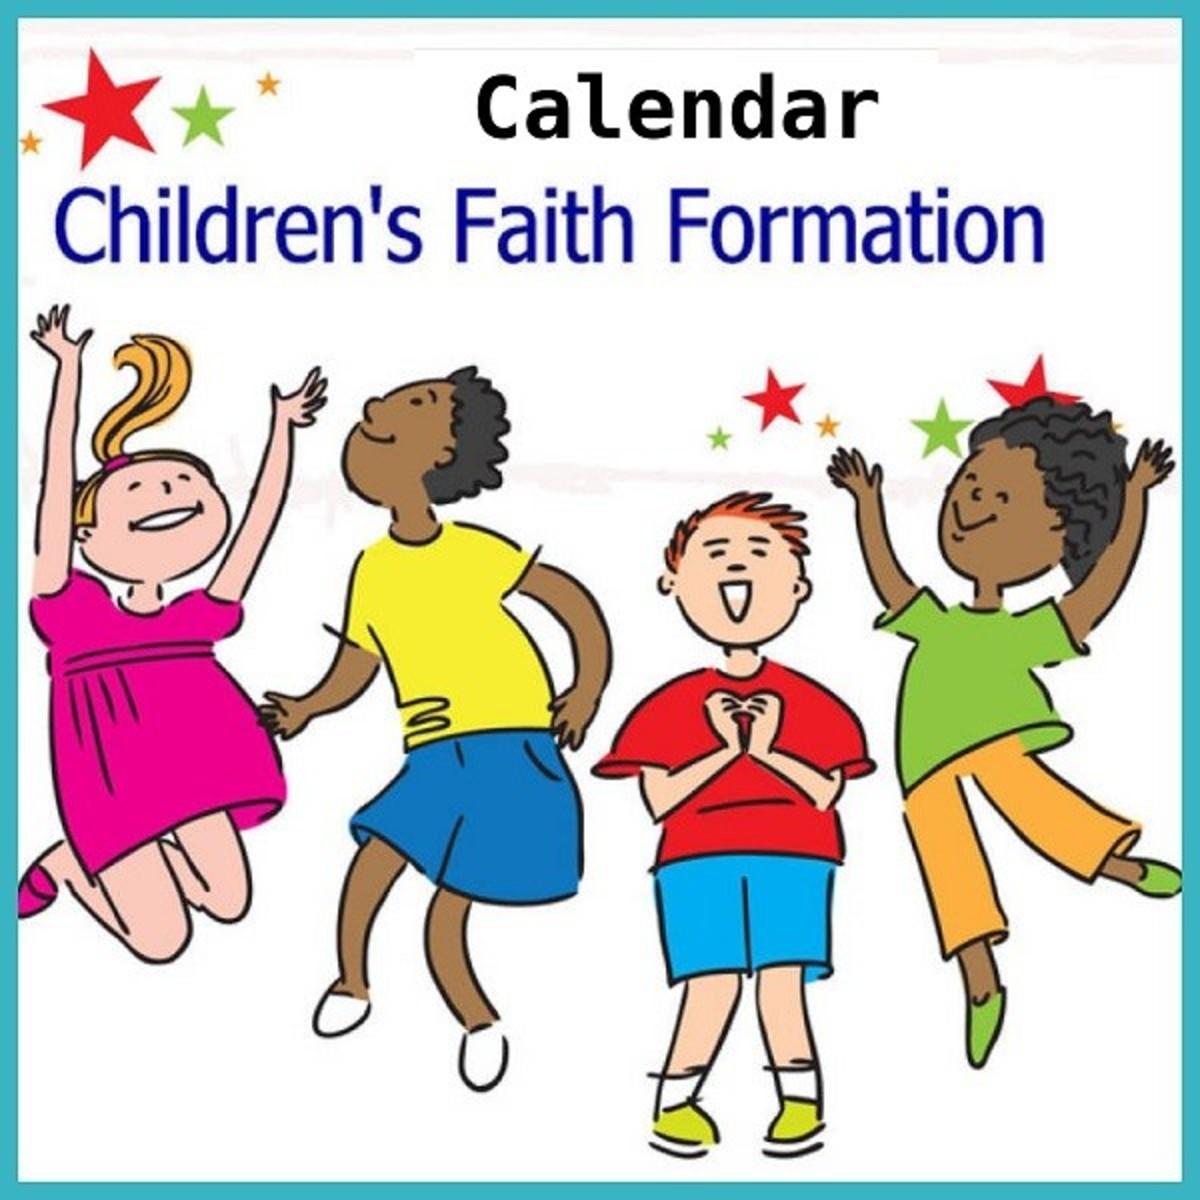 Calendar Image V2